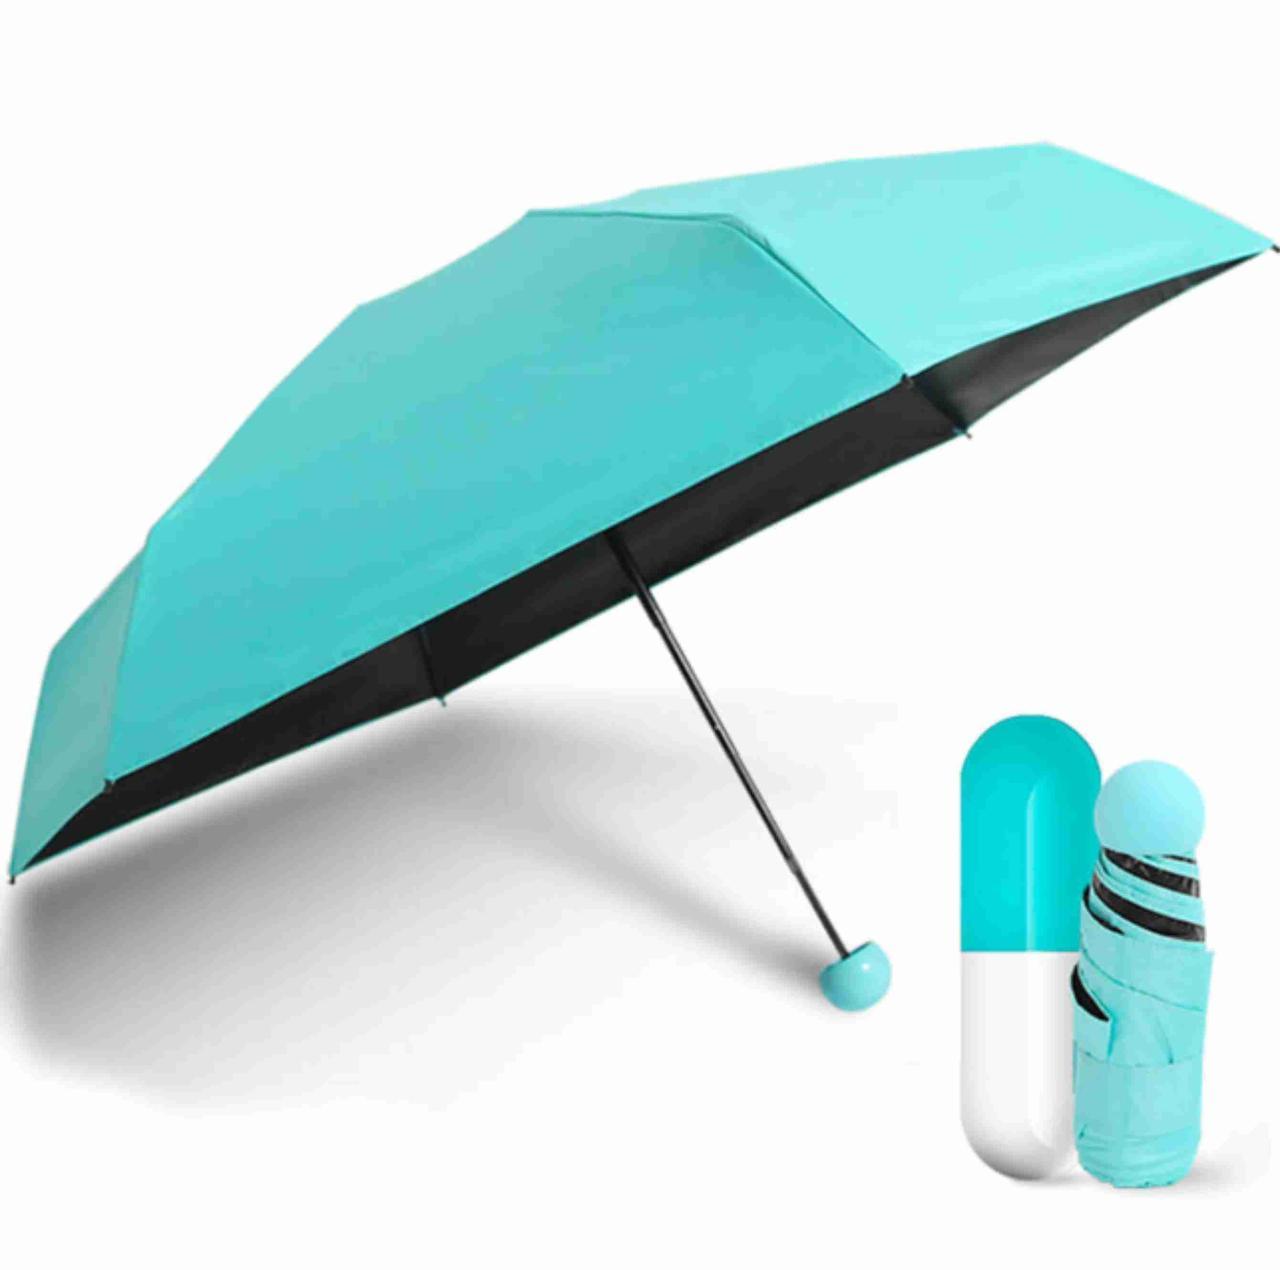 Зонтик одноцветной Зонтик-капсула, Голубой Складной механический зонт, Мини зонт капсула, карманный зонт